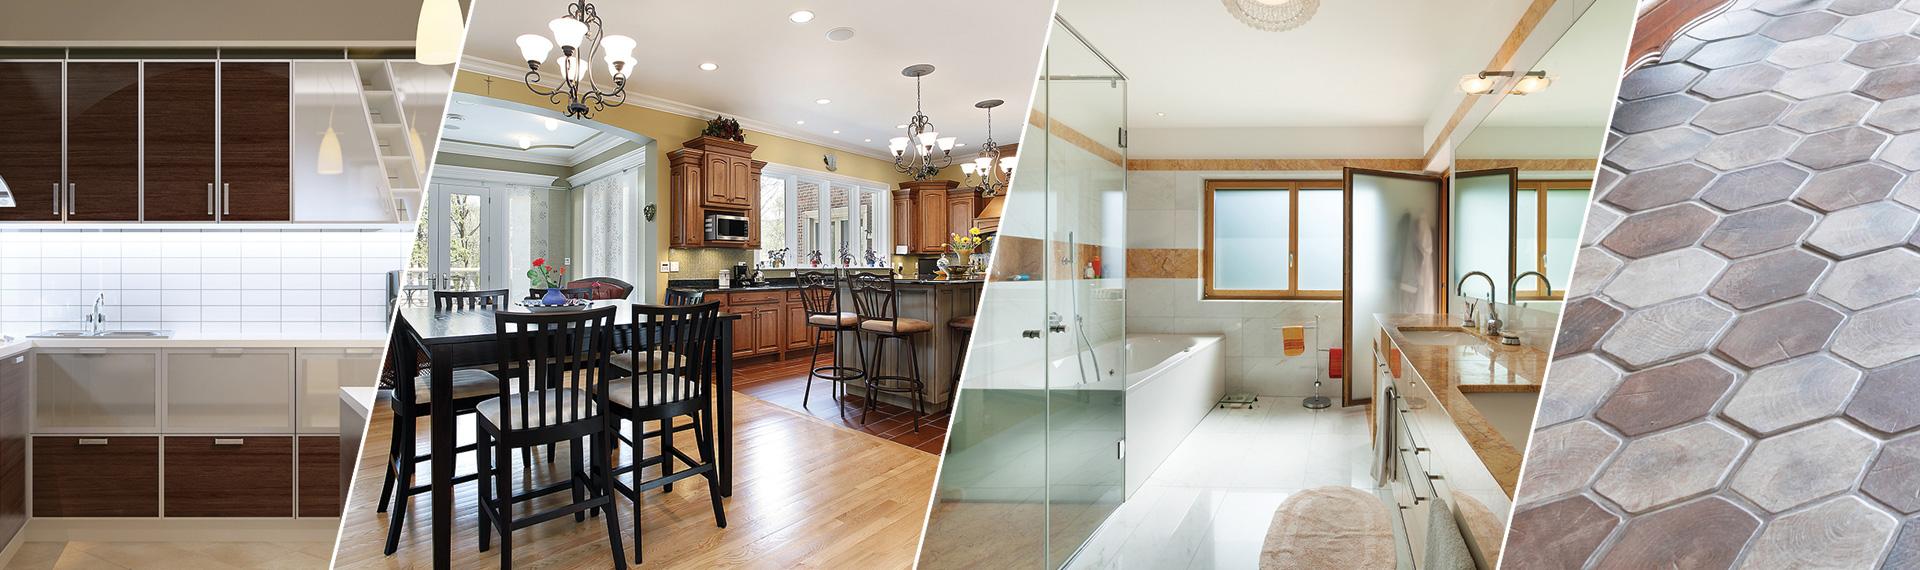 Zenith Kitchen & Bath Jessup MD